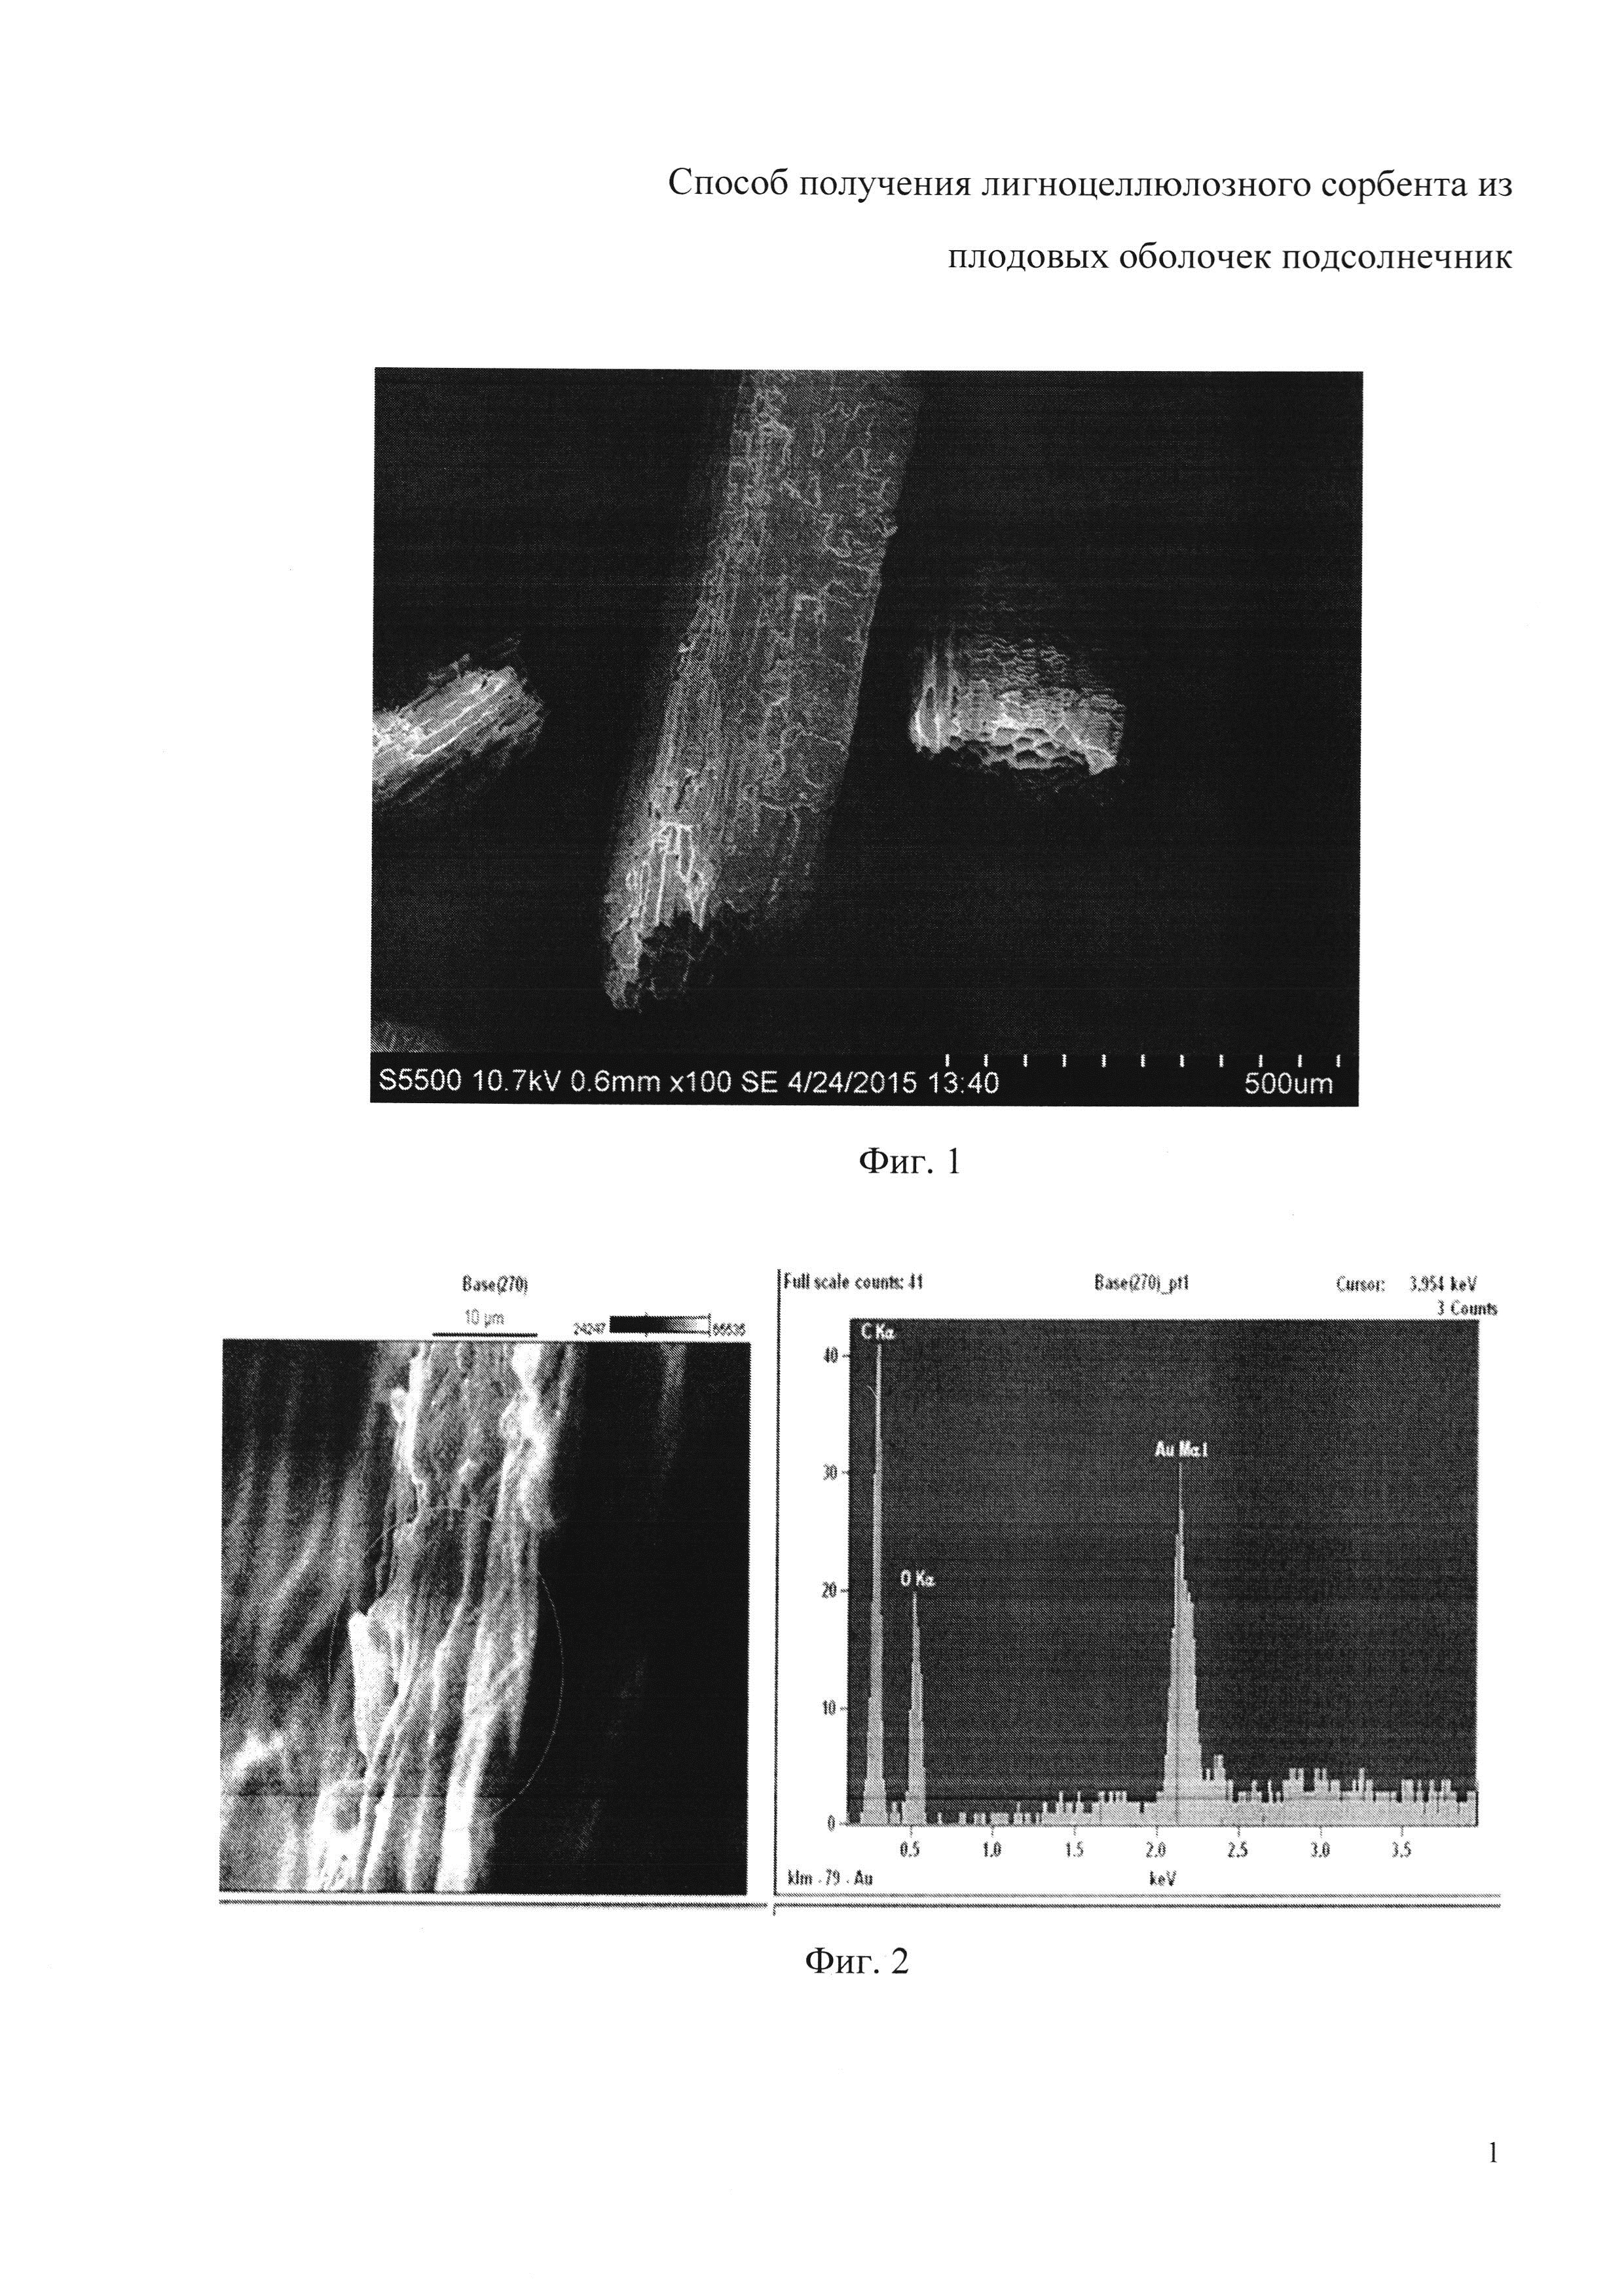 Способ получения лигноцеллюлозного сорбента из плодовых оболочек подсолнечника